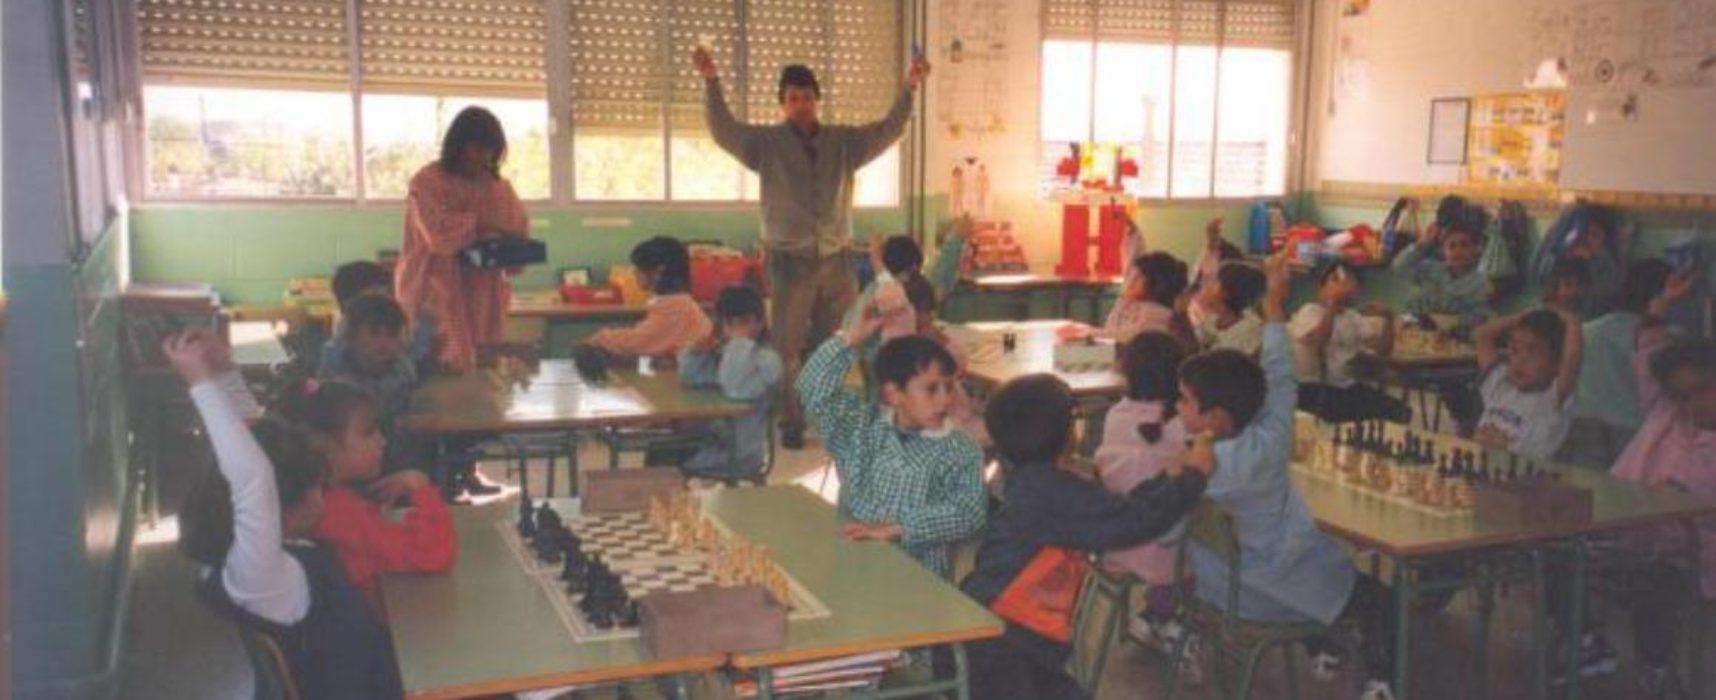 """Joaquín Fdez. Amigo: """"Ayudemos a difundir las ideas de los docentes, sumemos esfuerzos y compartamos recursos"""""""